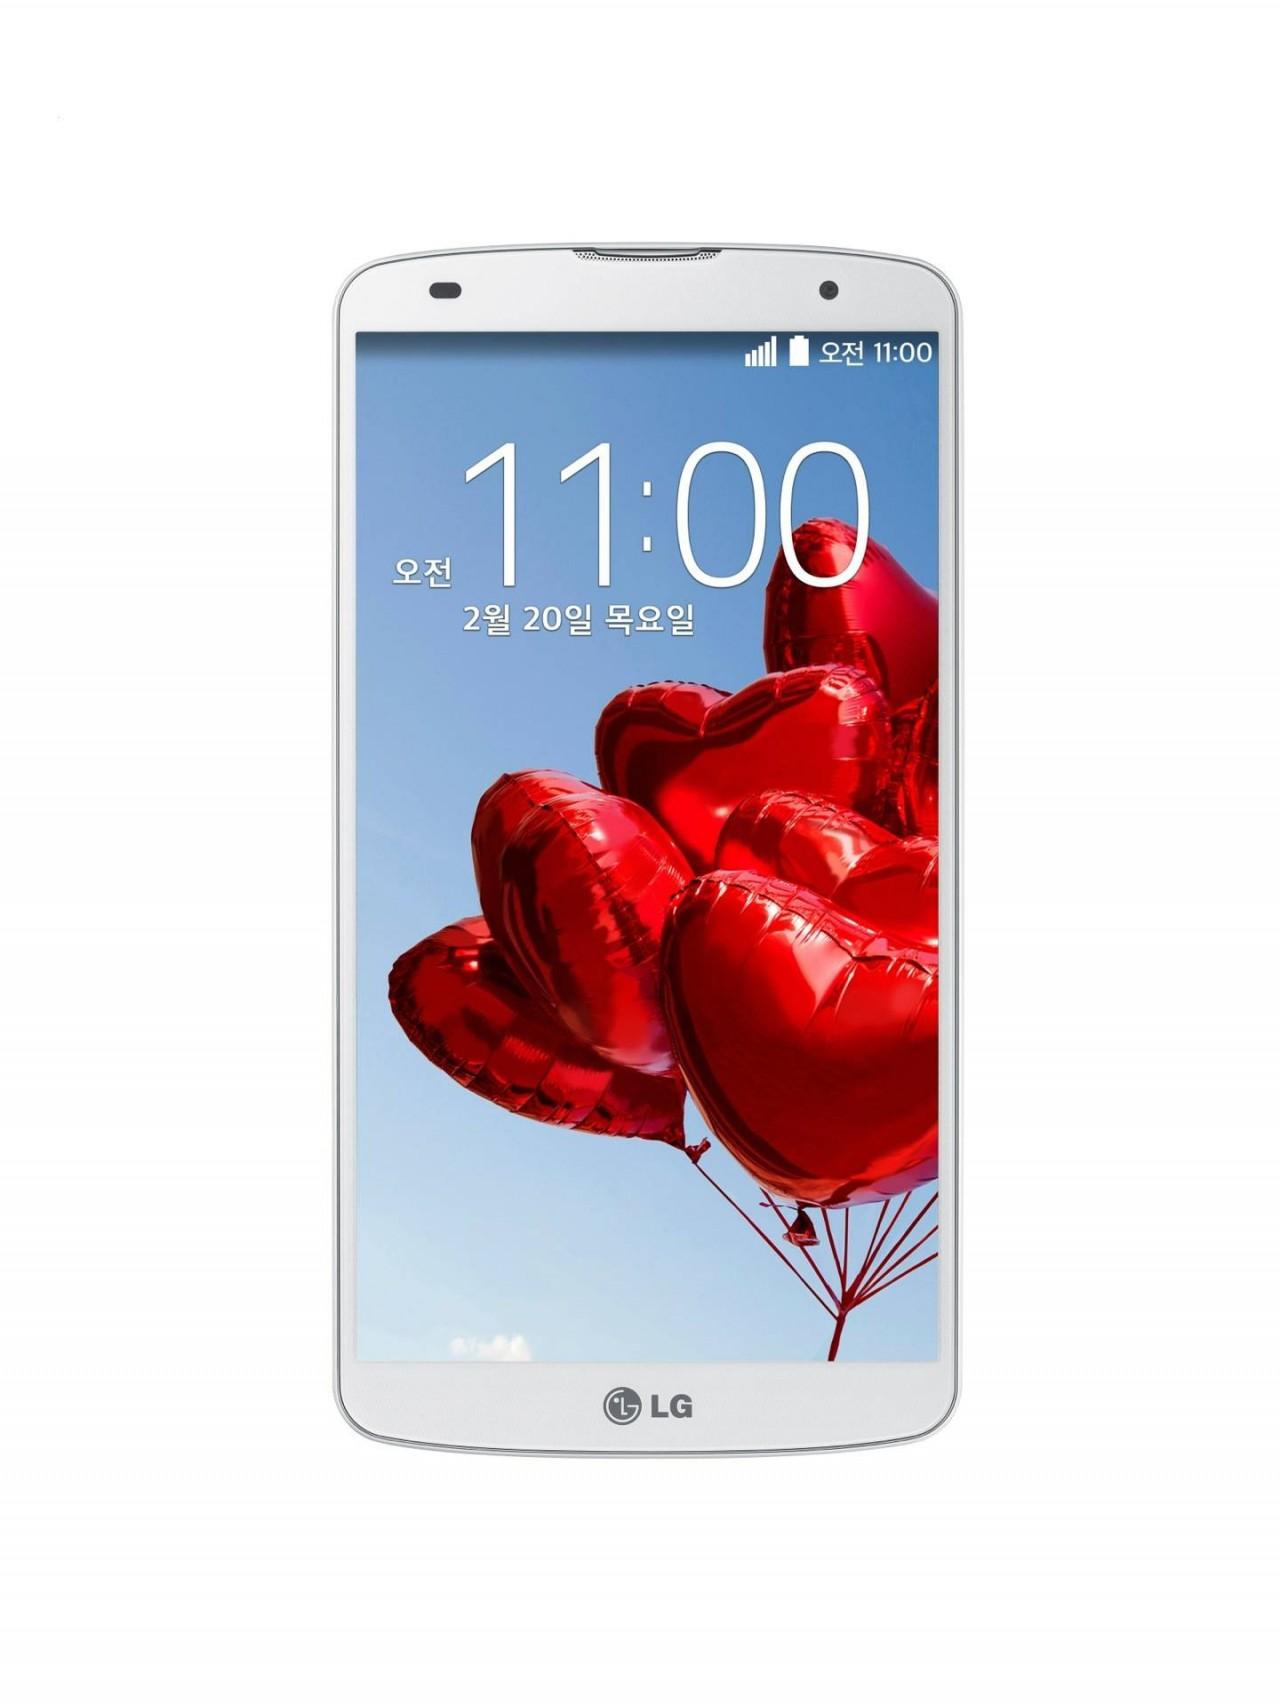 LG G Pro 2 7 1280x1704 - LG G Pro 2 chính hãng giá 16 triệu đồng